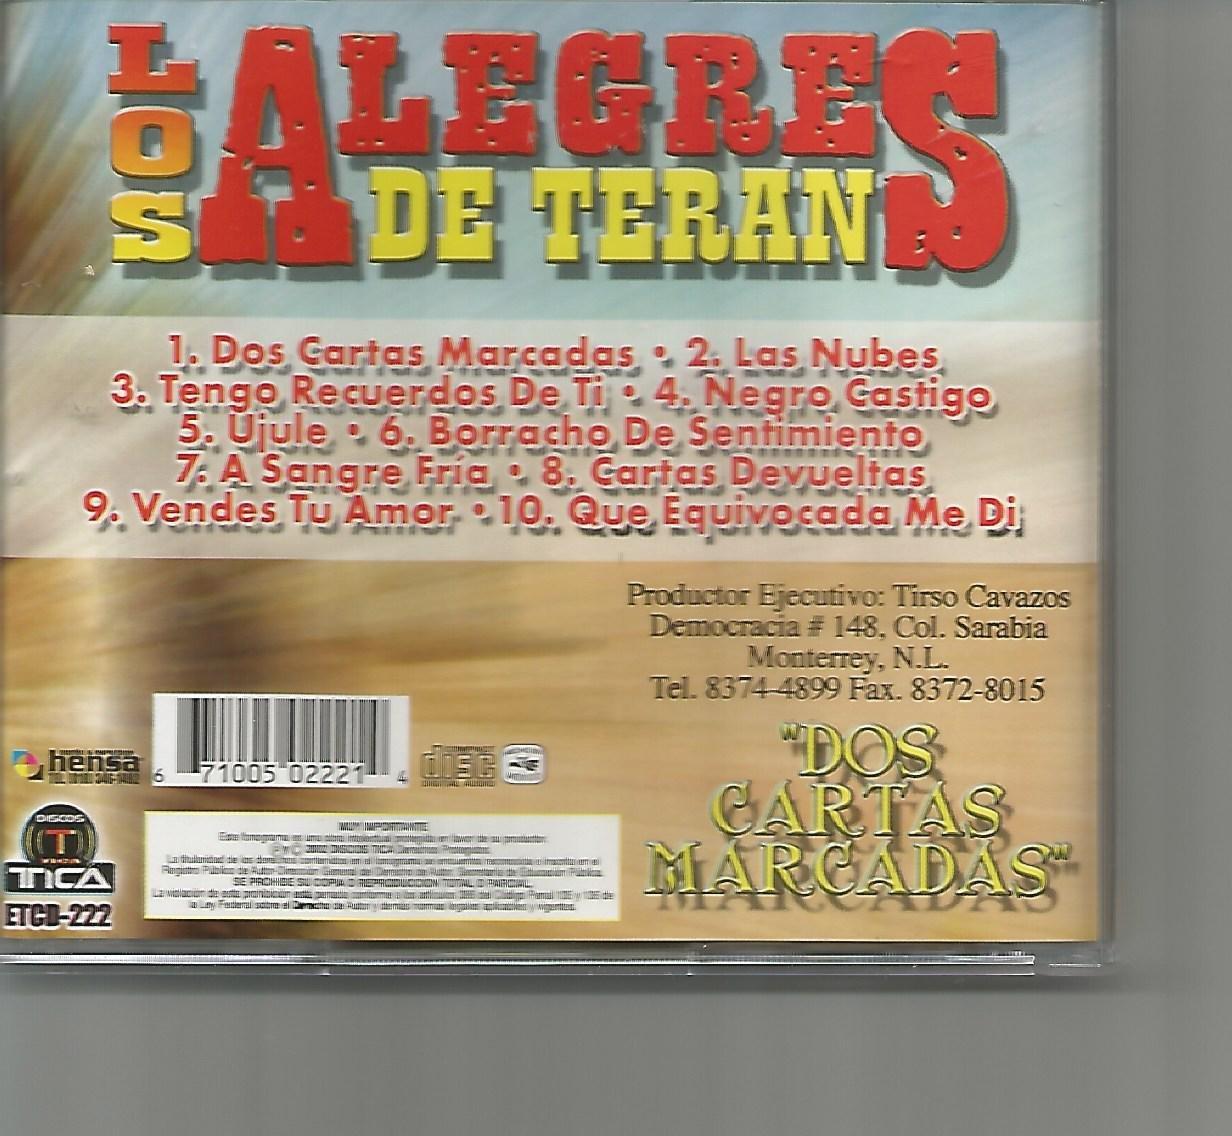 Dos Cartas Marcadas: Los Alegres de Teran: Amazon.es: Música